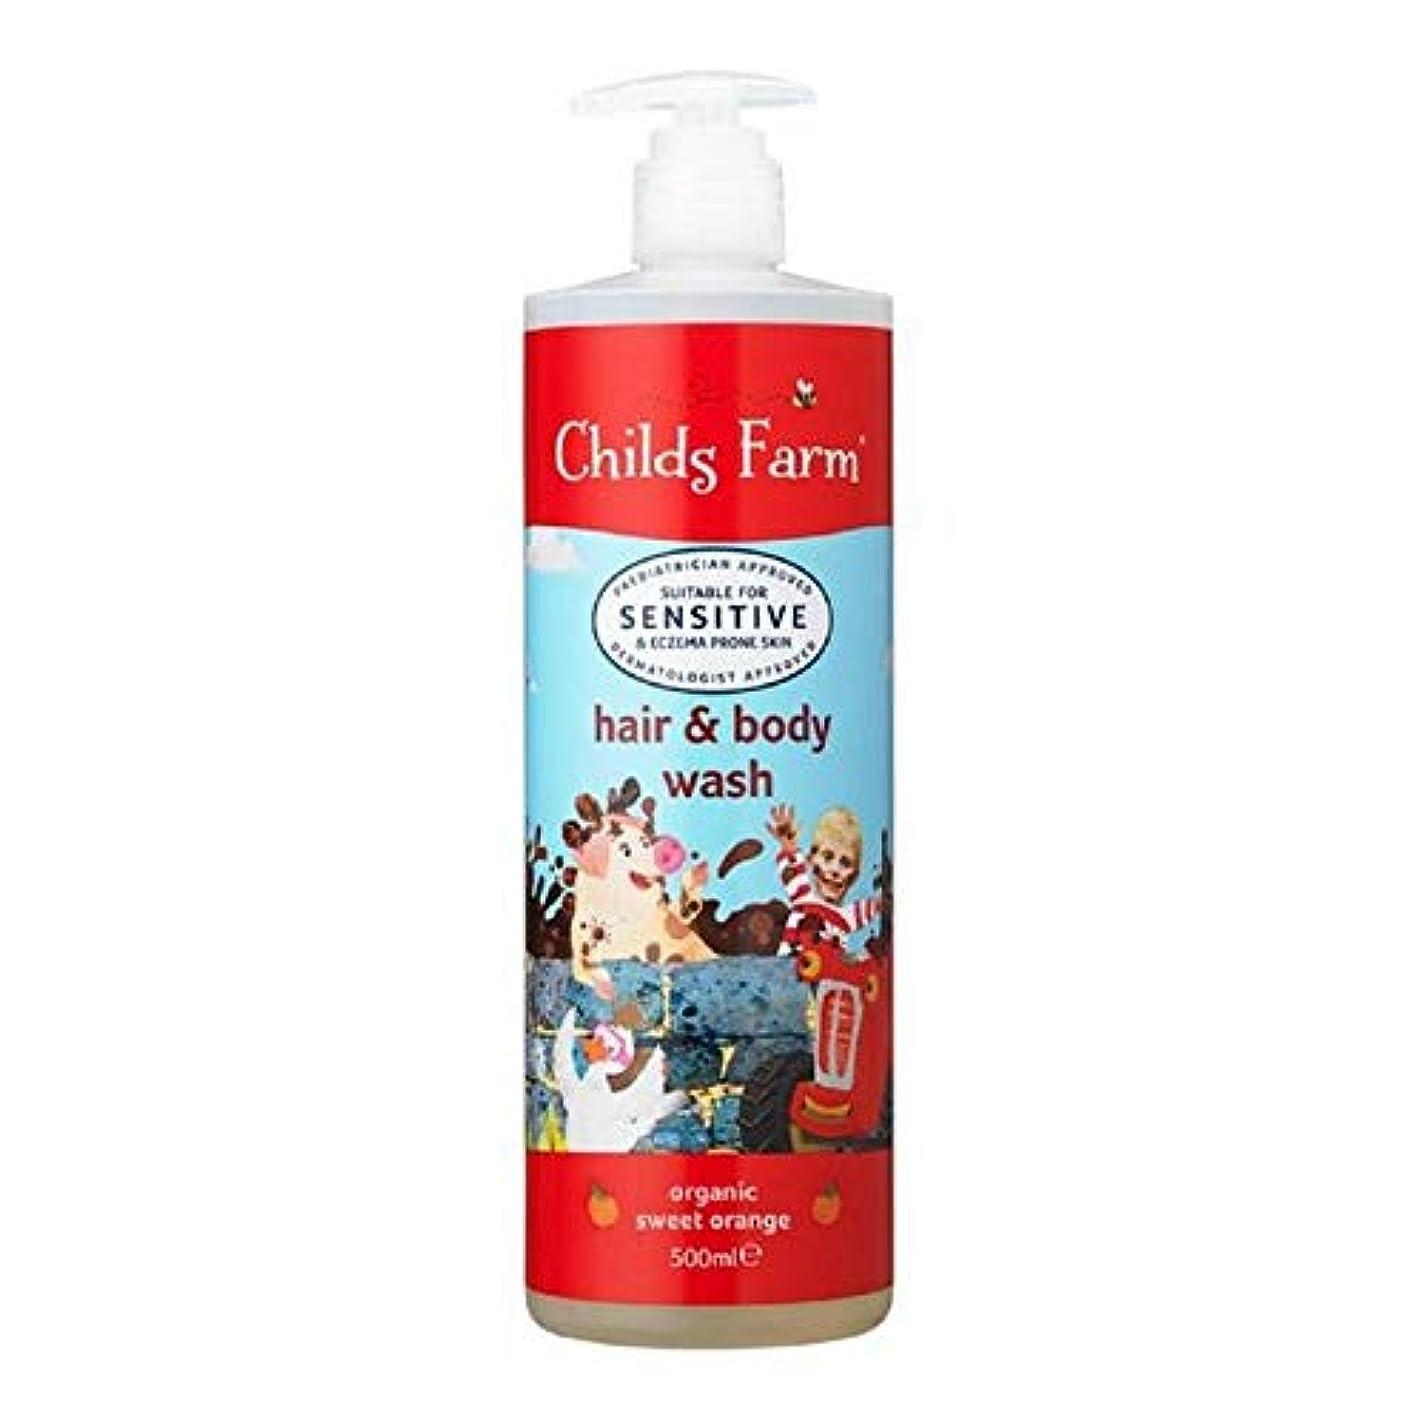 冷酷な水銀のに慣れ[Childs Farm ] チャイルズファームヘア&ボディウォッシュ有機スイートオレンジ500ミリリットル - Childs Farm Hair & Body Wash Organic Sweet Orange 500ml [並行輸入品]